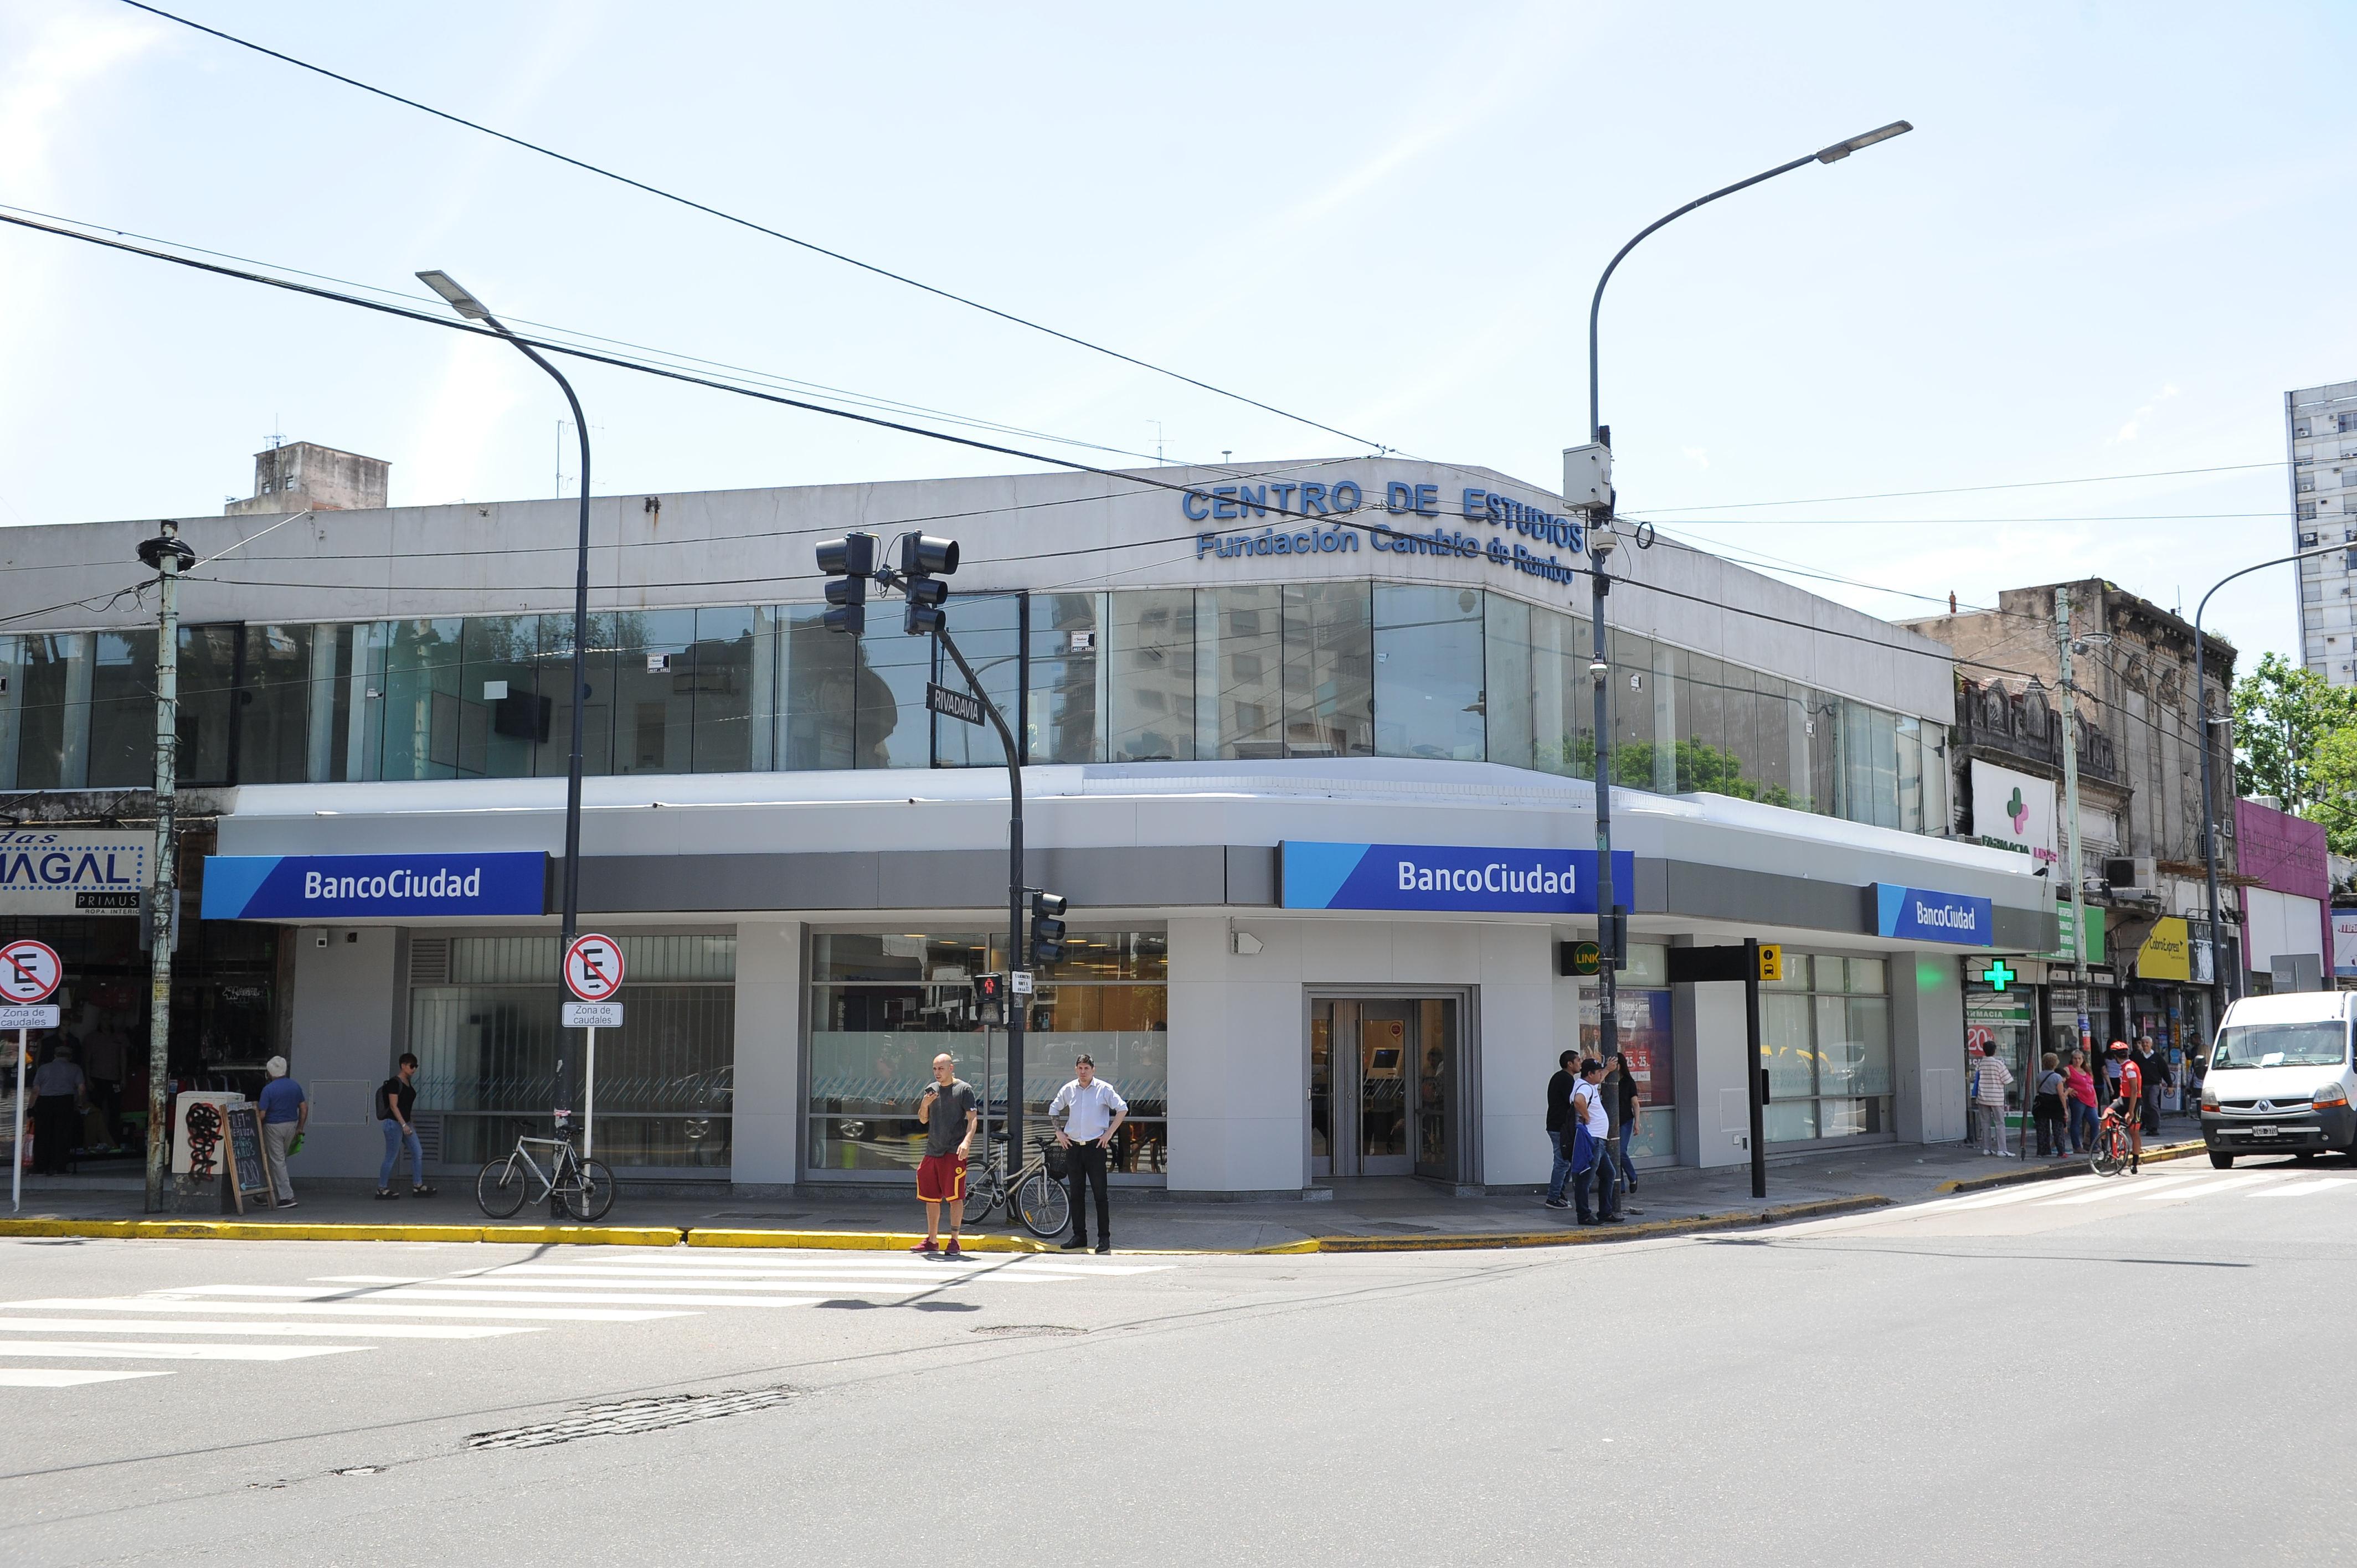 BancoCiudad1